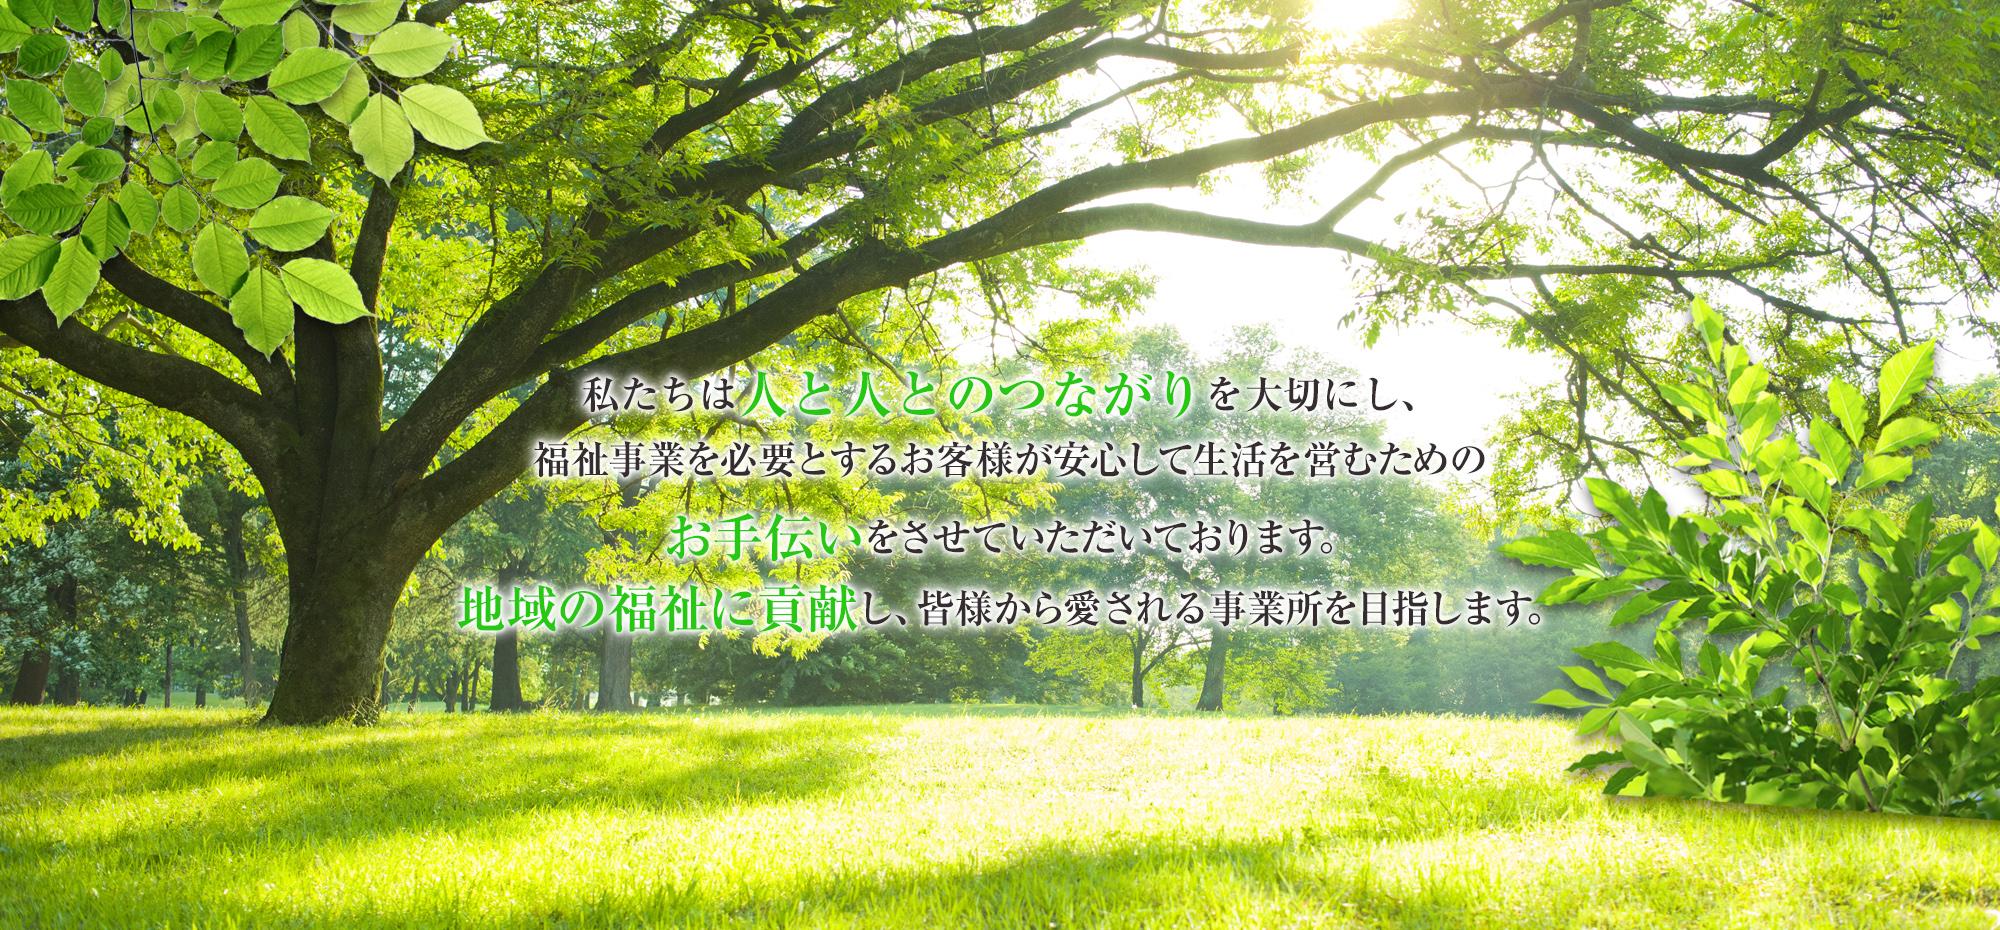 slide_03